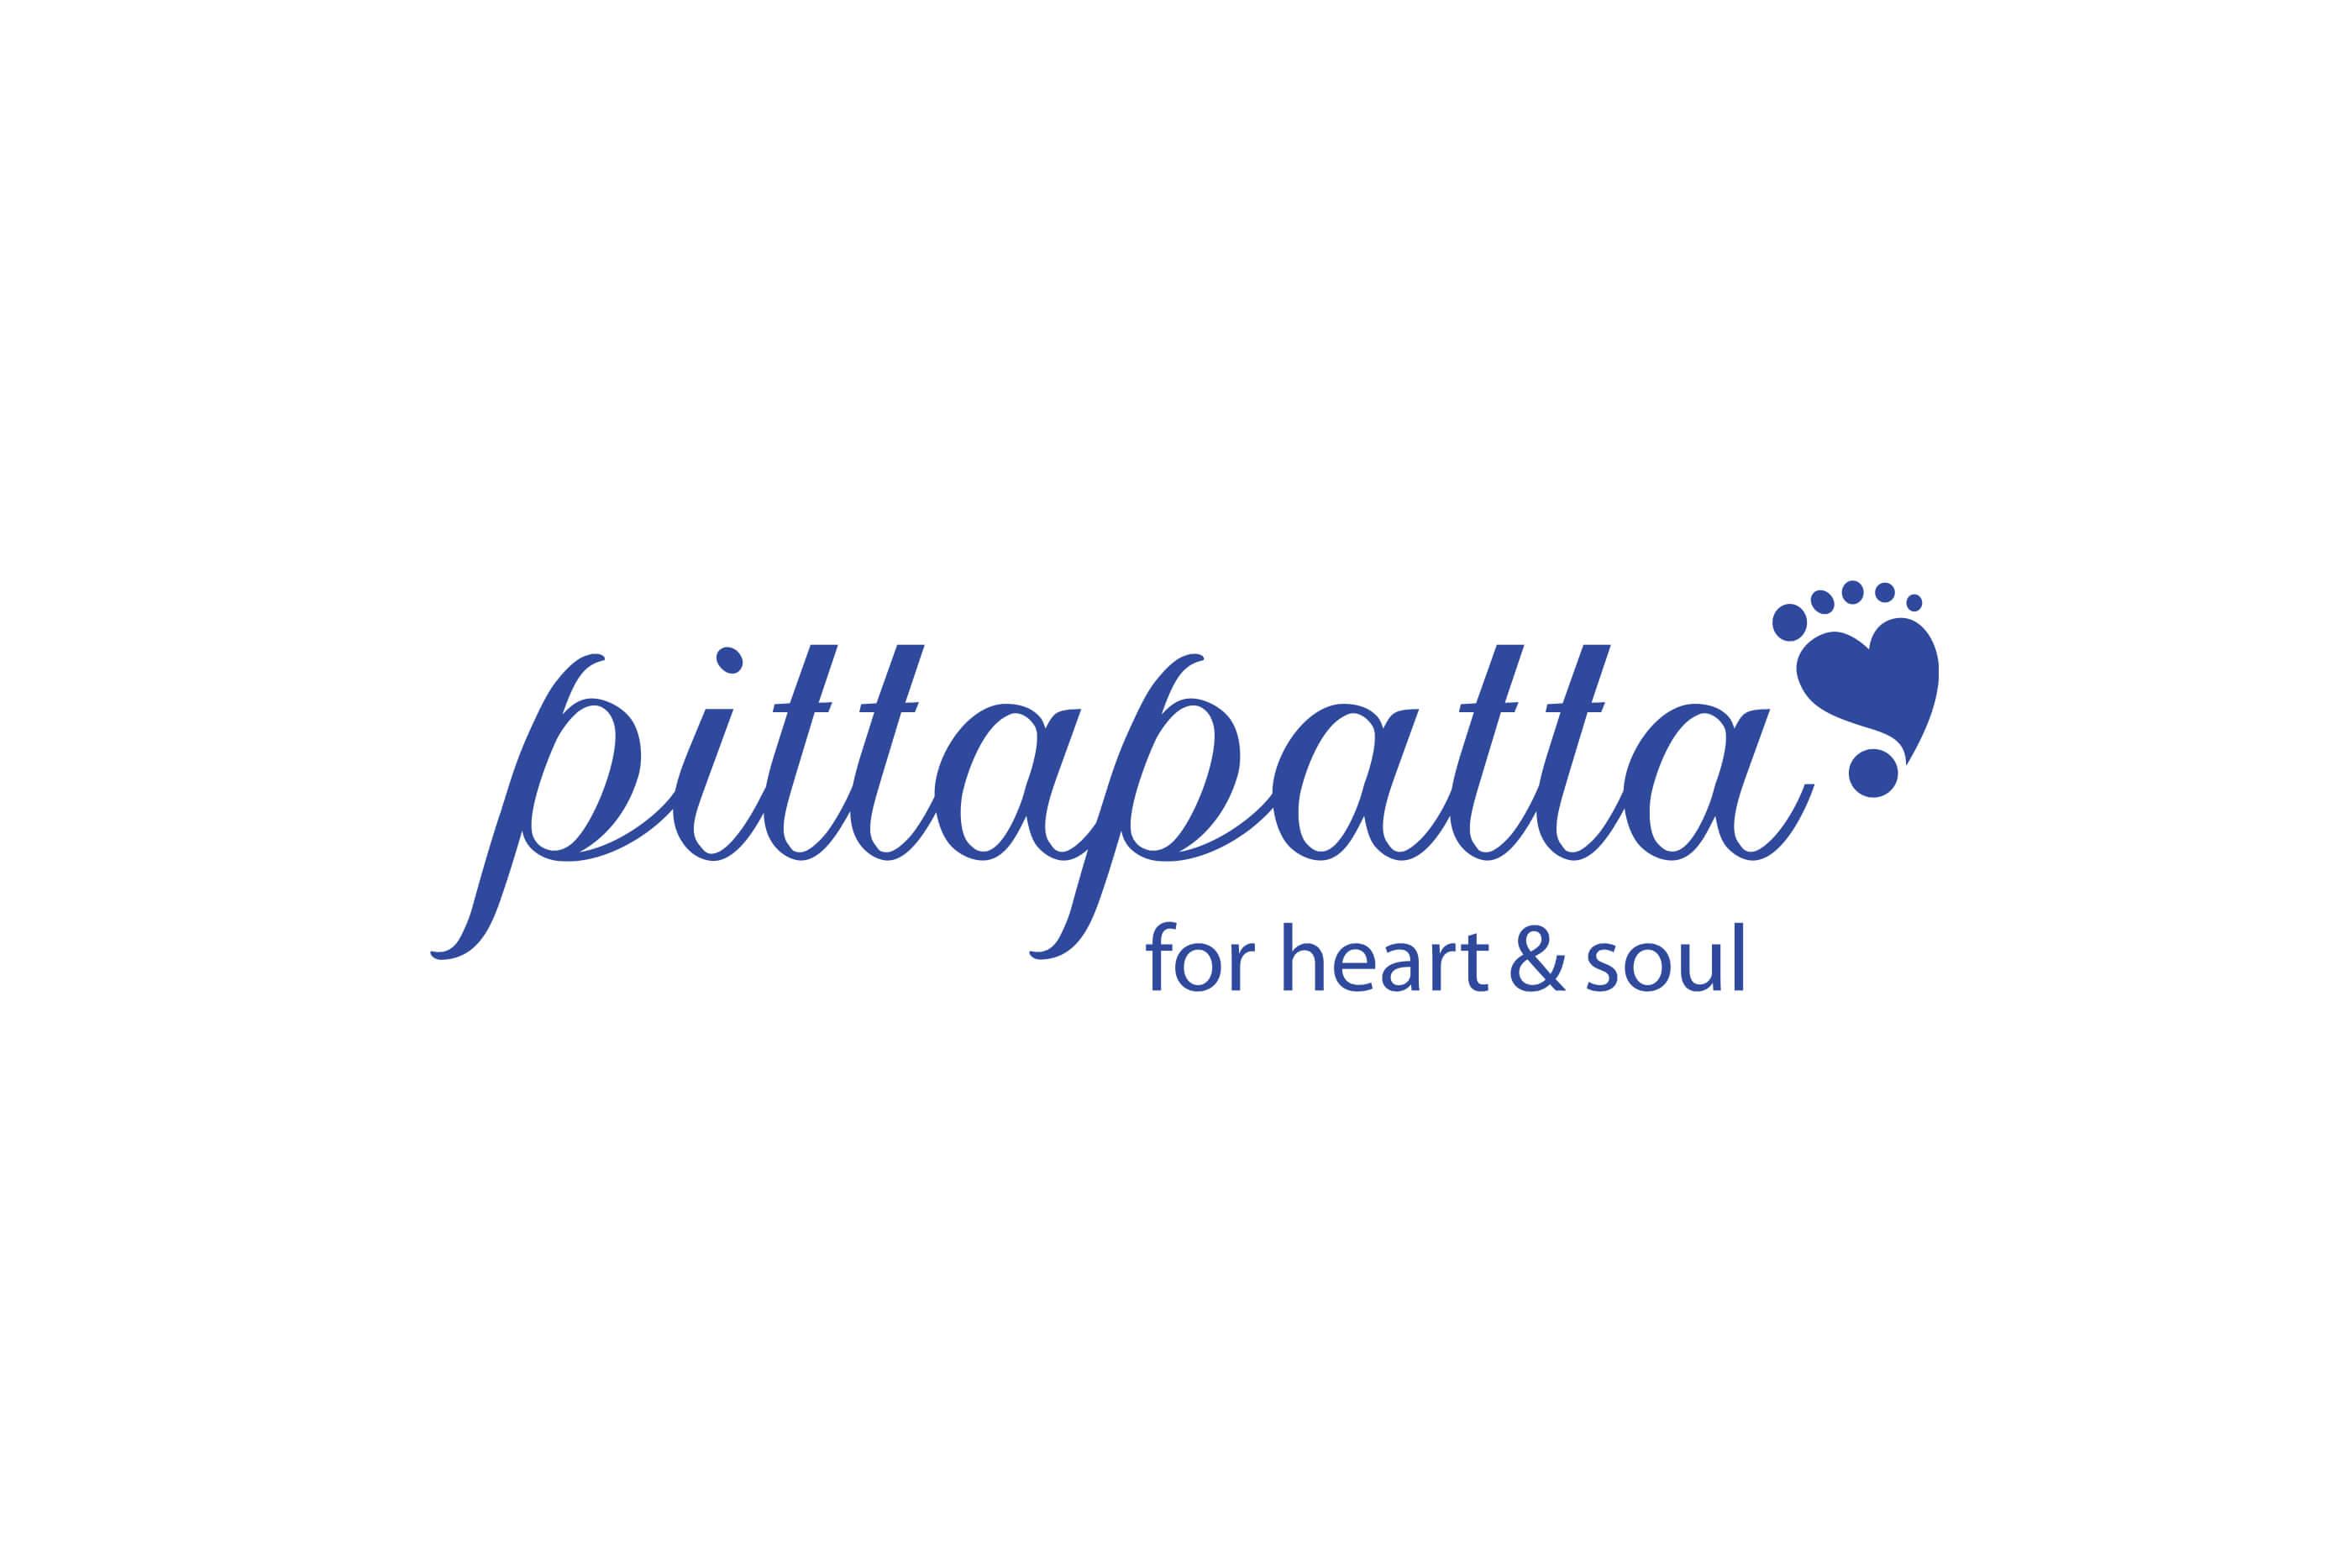 pitta_patta_brandmark